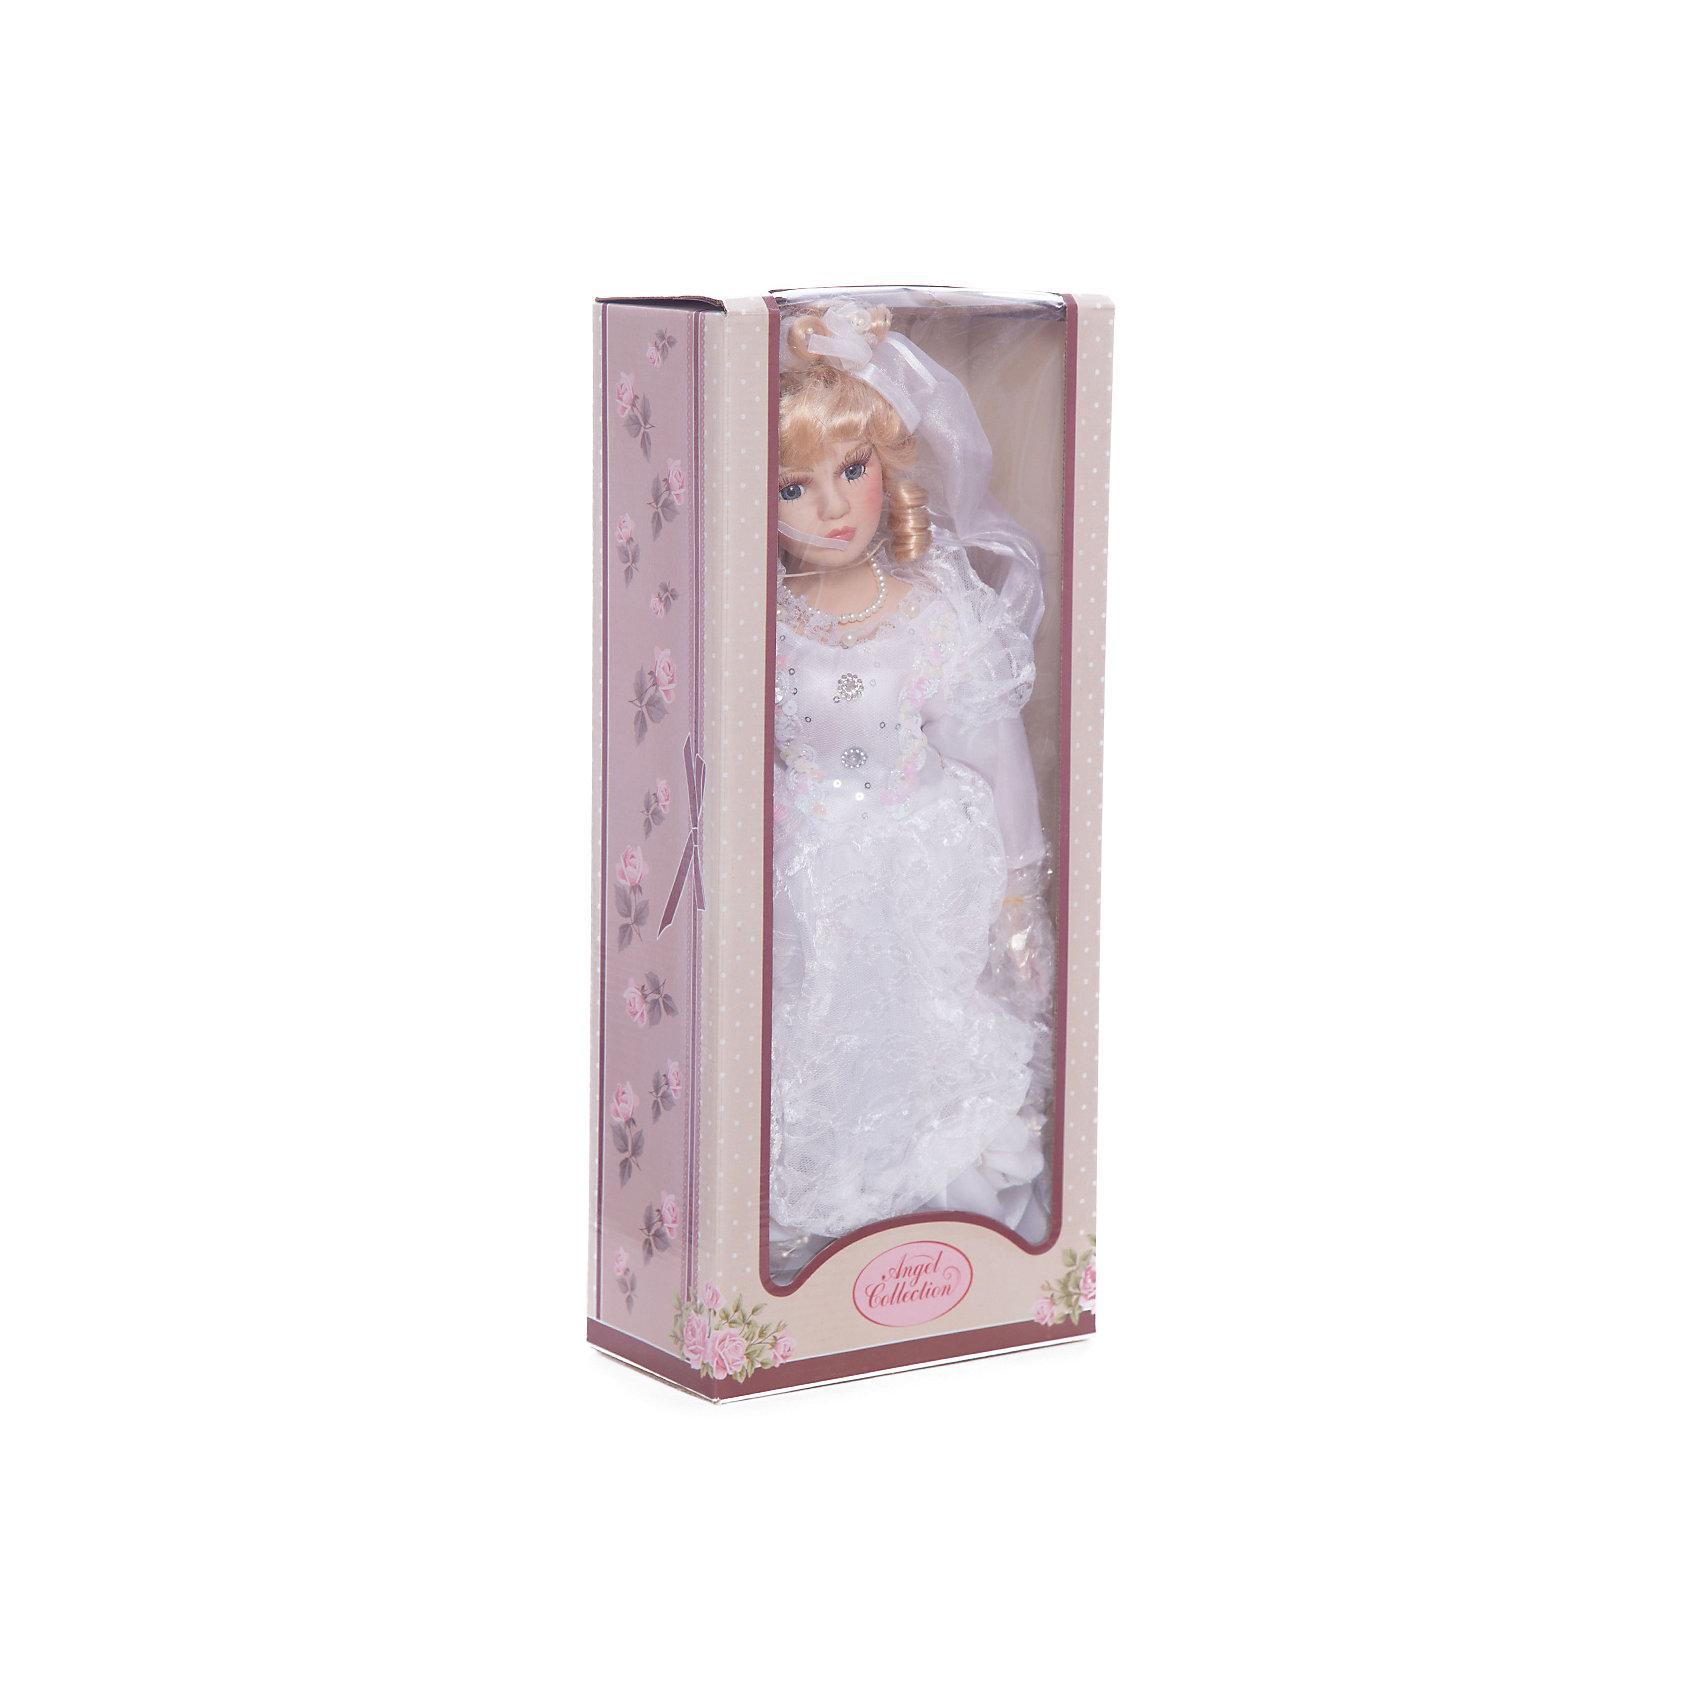 Фарфоровая кукла Кейт, Angel CollectionБренды кукол<br>Фарфоровая кукла Кейт, Angel Collection.<br><br>Характеристики:<br><br>• Высота куклы: 40,5 см.<br>• Материал: фарфор, текстиль<br>• Упаковка: картонная коробка блистерного типа<br><br>Фарфоровая кукла Кейт, Angel Collection - это прекрасная невеста в белоснежном туалете, ждущая красавца-жениха. Кукла очаровывает с первого взгляда. Весь образ куклы тщательно продуман и детализирован. У Кейт светлые волосы, уложенные в красивую прическу, большие глаза в обрамлении длинных густых ресничек и ангельское кукольное личико. Кукла установлена на специальную подставку. <br><br>Фарфоровая красавица Кейт - это не просто игрушка, а также украшение для интерьера или ценный экспонат коллекции. Каждая кукла в серии Angel Collection, обладает неповторимым образом - принцессы, феи, маленькие девочки, роскошные невесты и т.д. Изысканные наряды и очаровательная матовость фарфора превращают этих кукол в настоящее произведение искусства. Куклы Angel Collection сделаны из уникальной голубой глины, добываемой только в провинции Tai-Nan Shin, Тайвань.<br><br>Фарфоровую куклу Кейт, Angel Collection можно купить в нашем интернет-магазине.<br><br>Ширина мм: 190<br>Глубина мм: 430<br>Высота мм: 100<br>Вес г: 938<br>Возраст от месяцев: 36<br>Возраст до месяцев: 2147483647<br>Пол: Женский<br>Возраст: Детский<br>SKU: 5400279